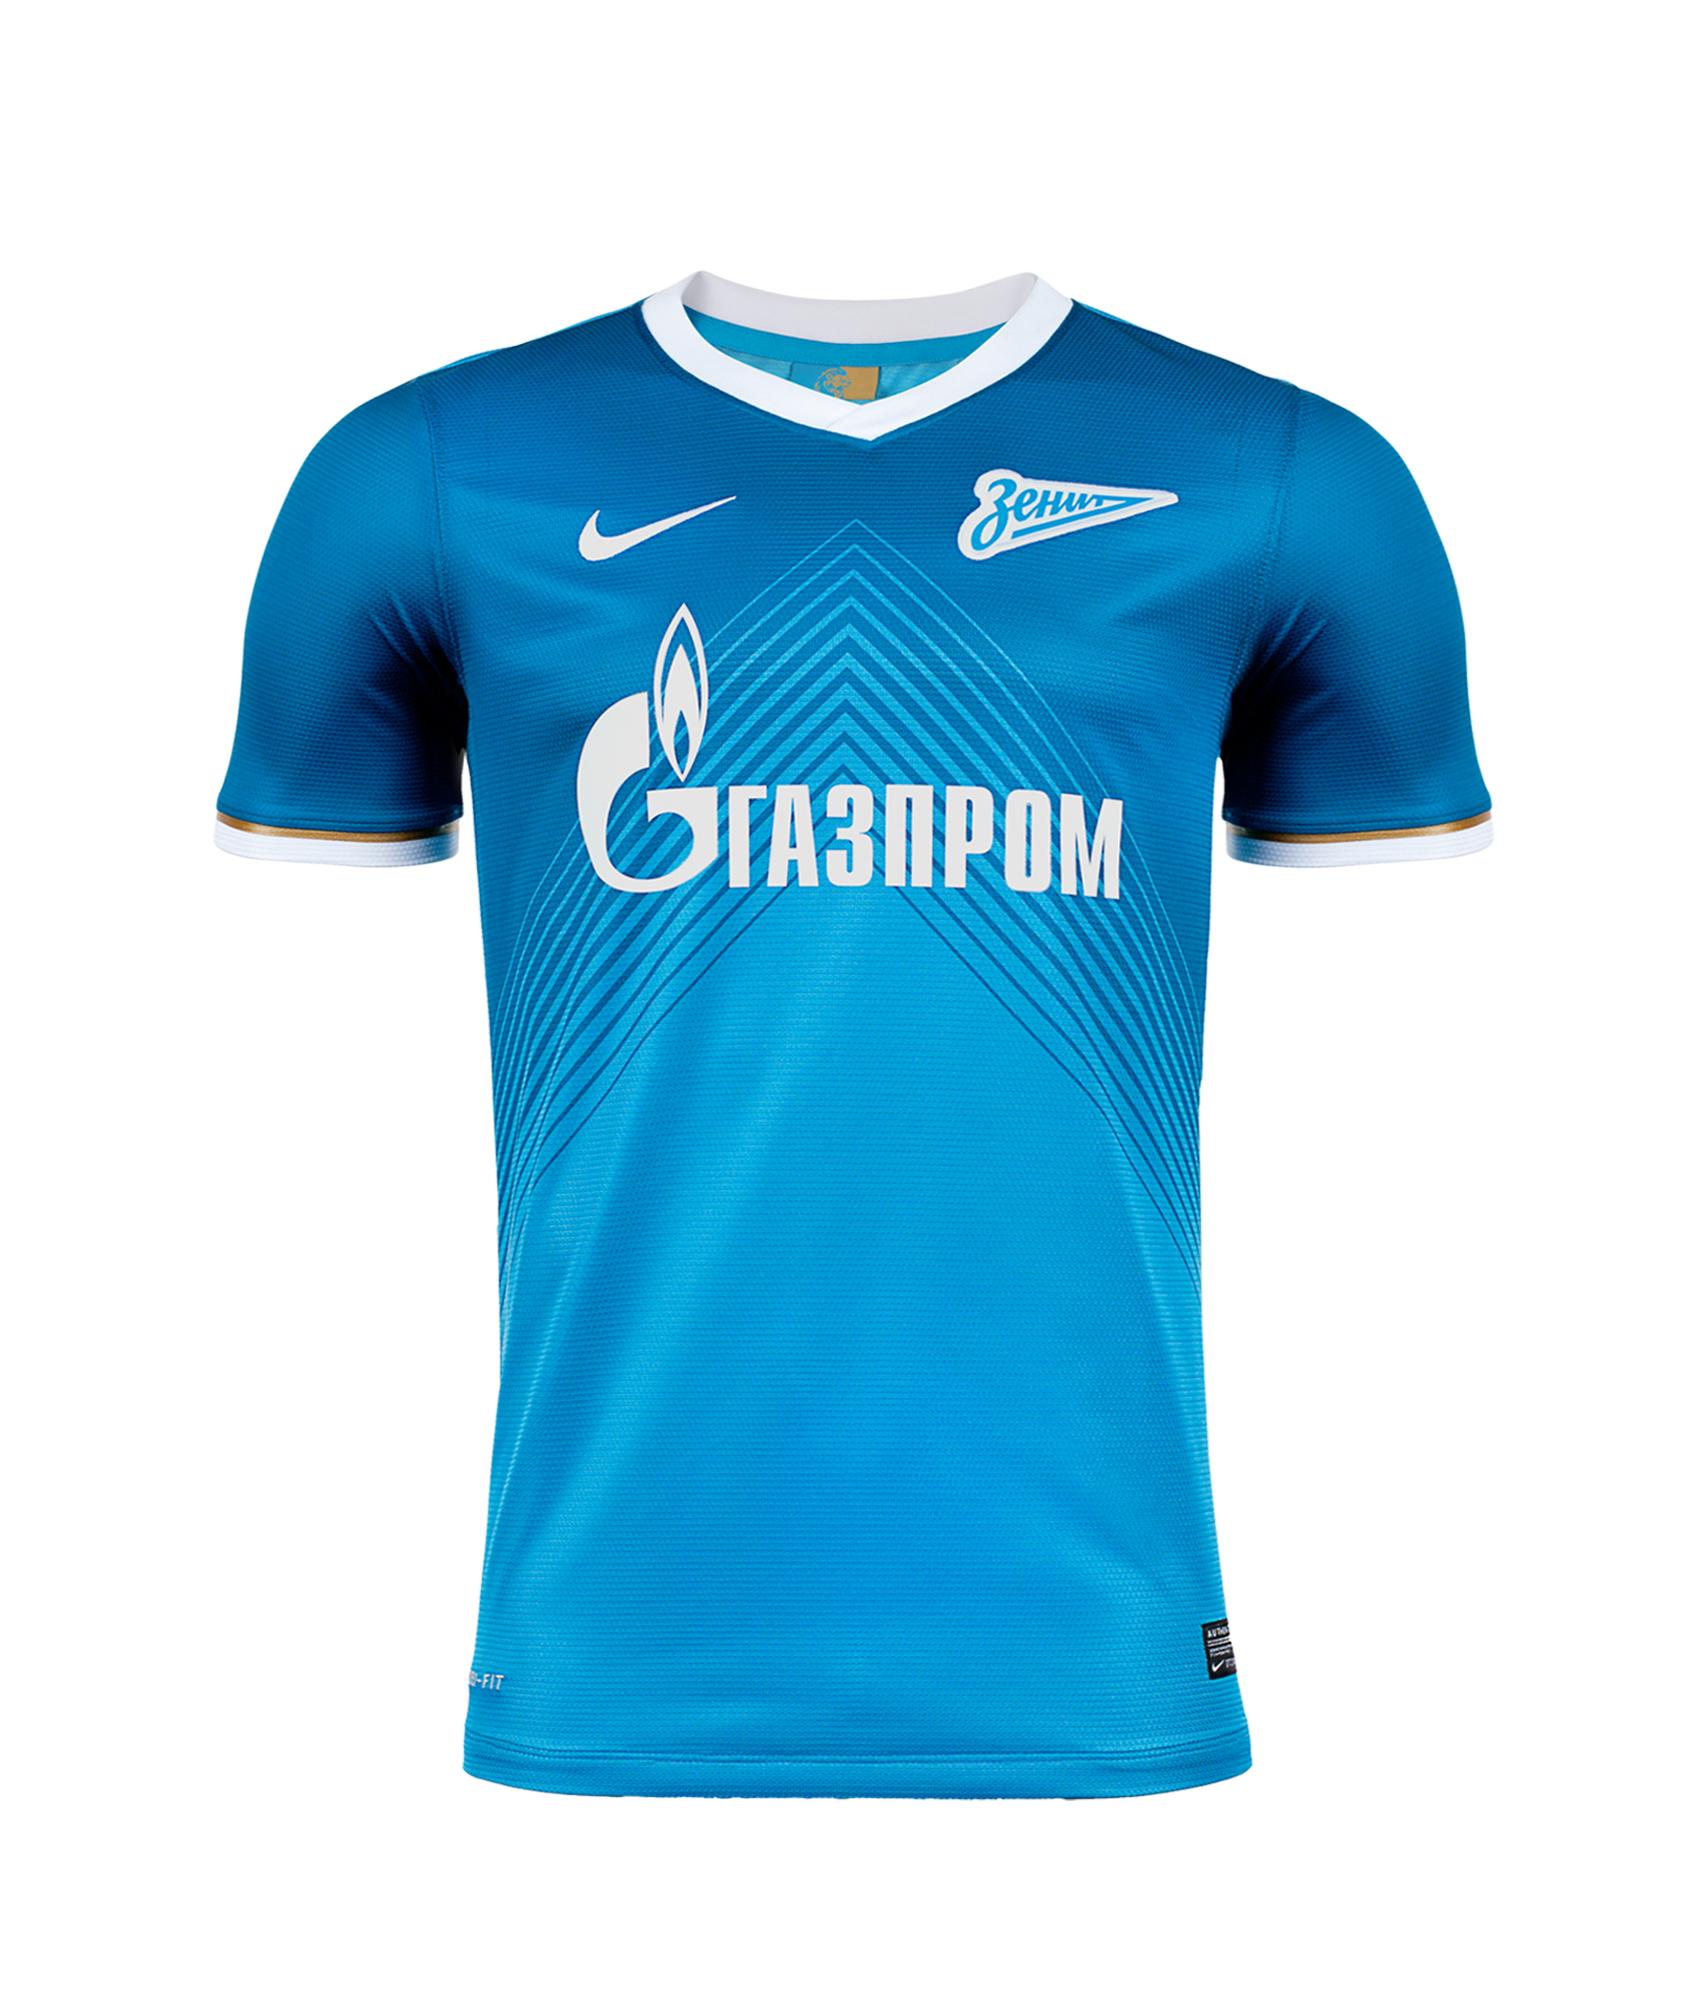 Домашняя игровая футболка, Цвет-Синий, Размер-XL